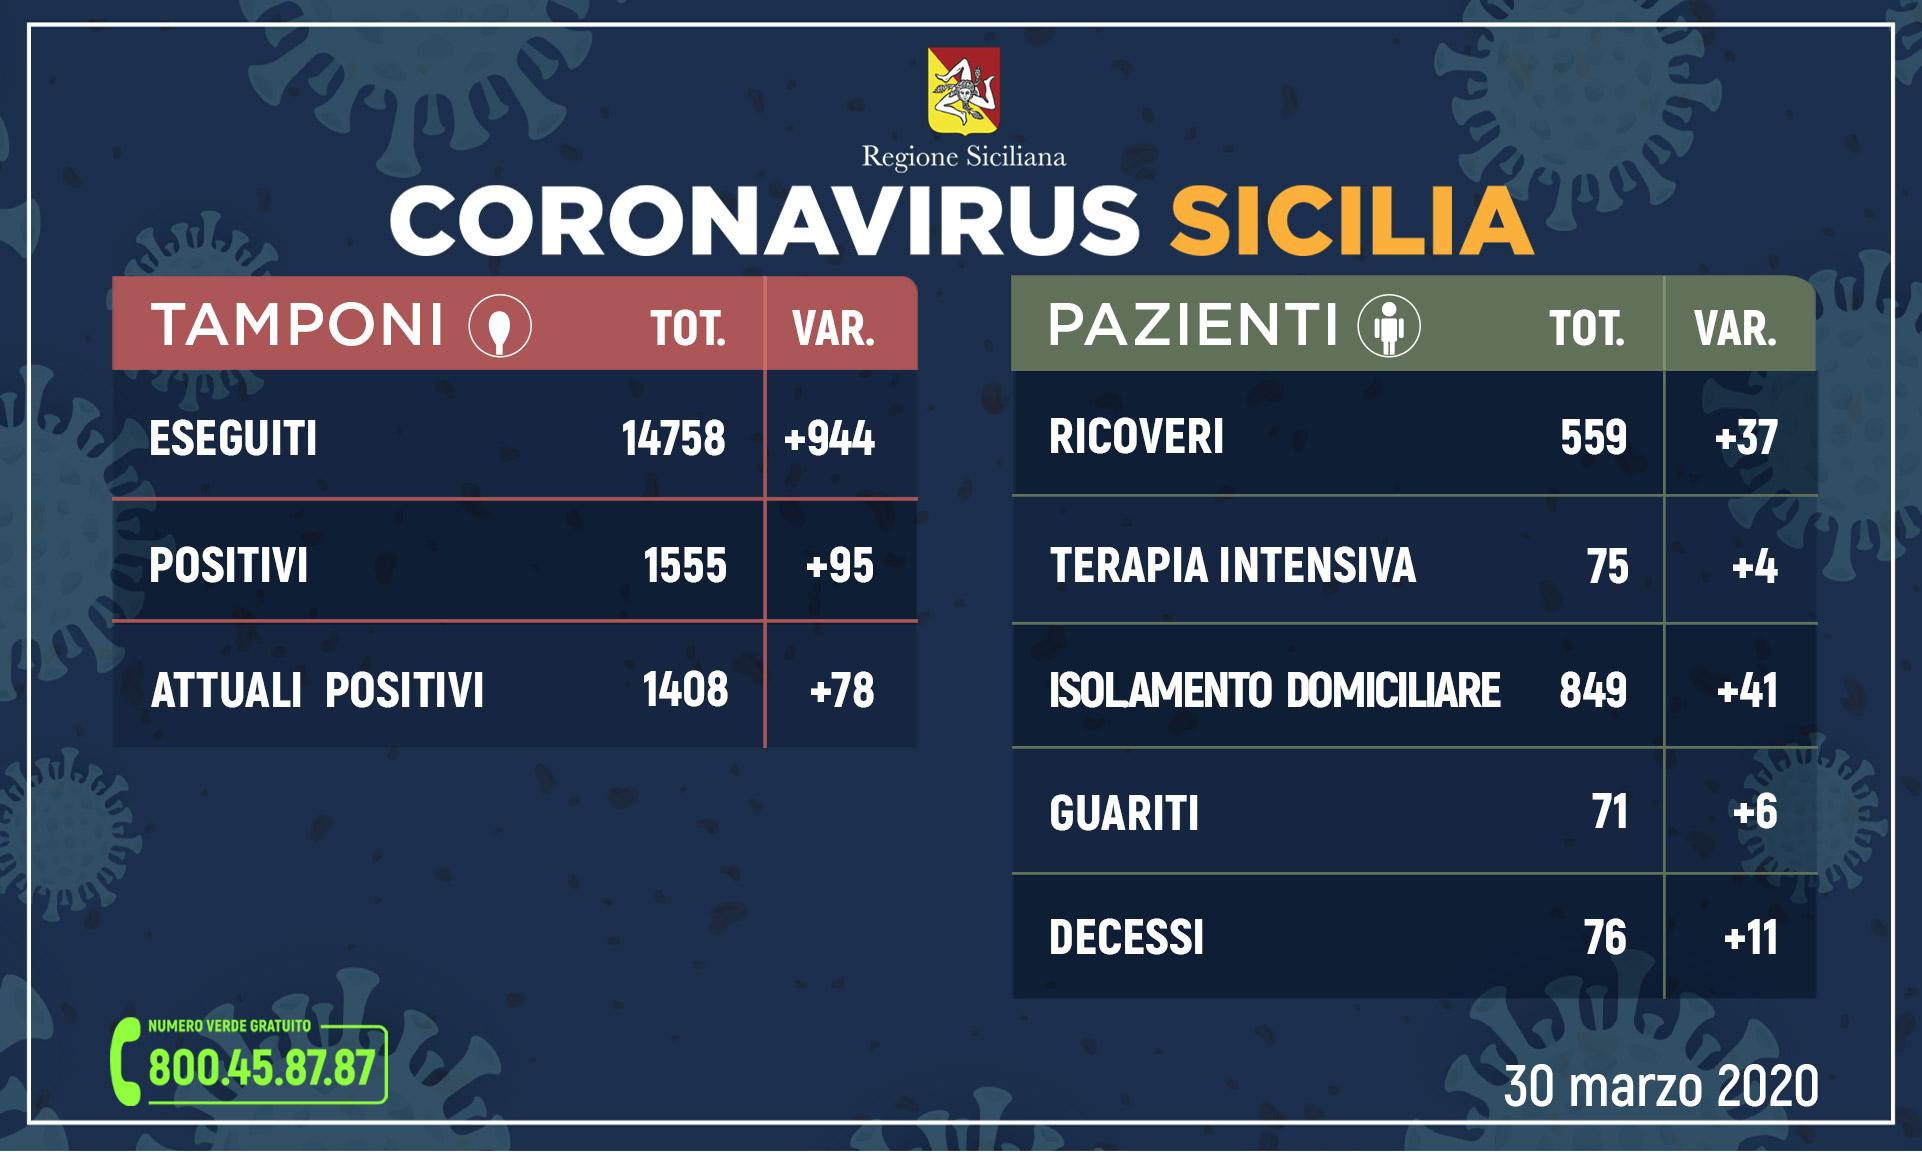 Coronavirus: l'aggiornamento in Sicilia, 1.408 attuali positivi e 71 guariti